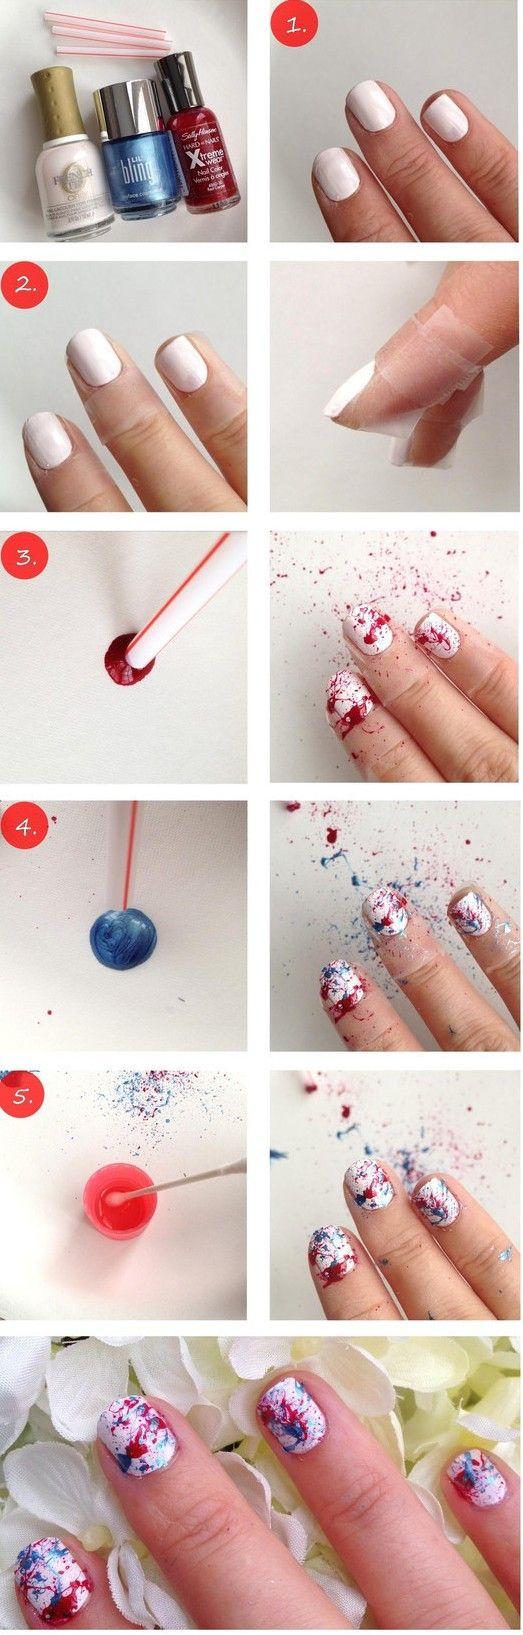 mujer pintandose las uñas y utilizando un popote